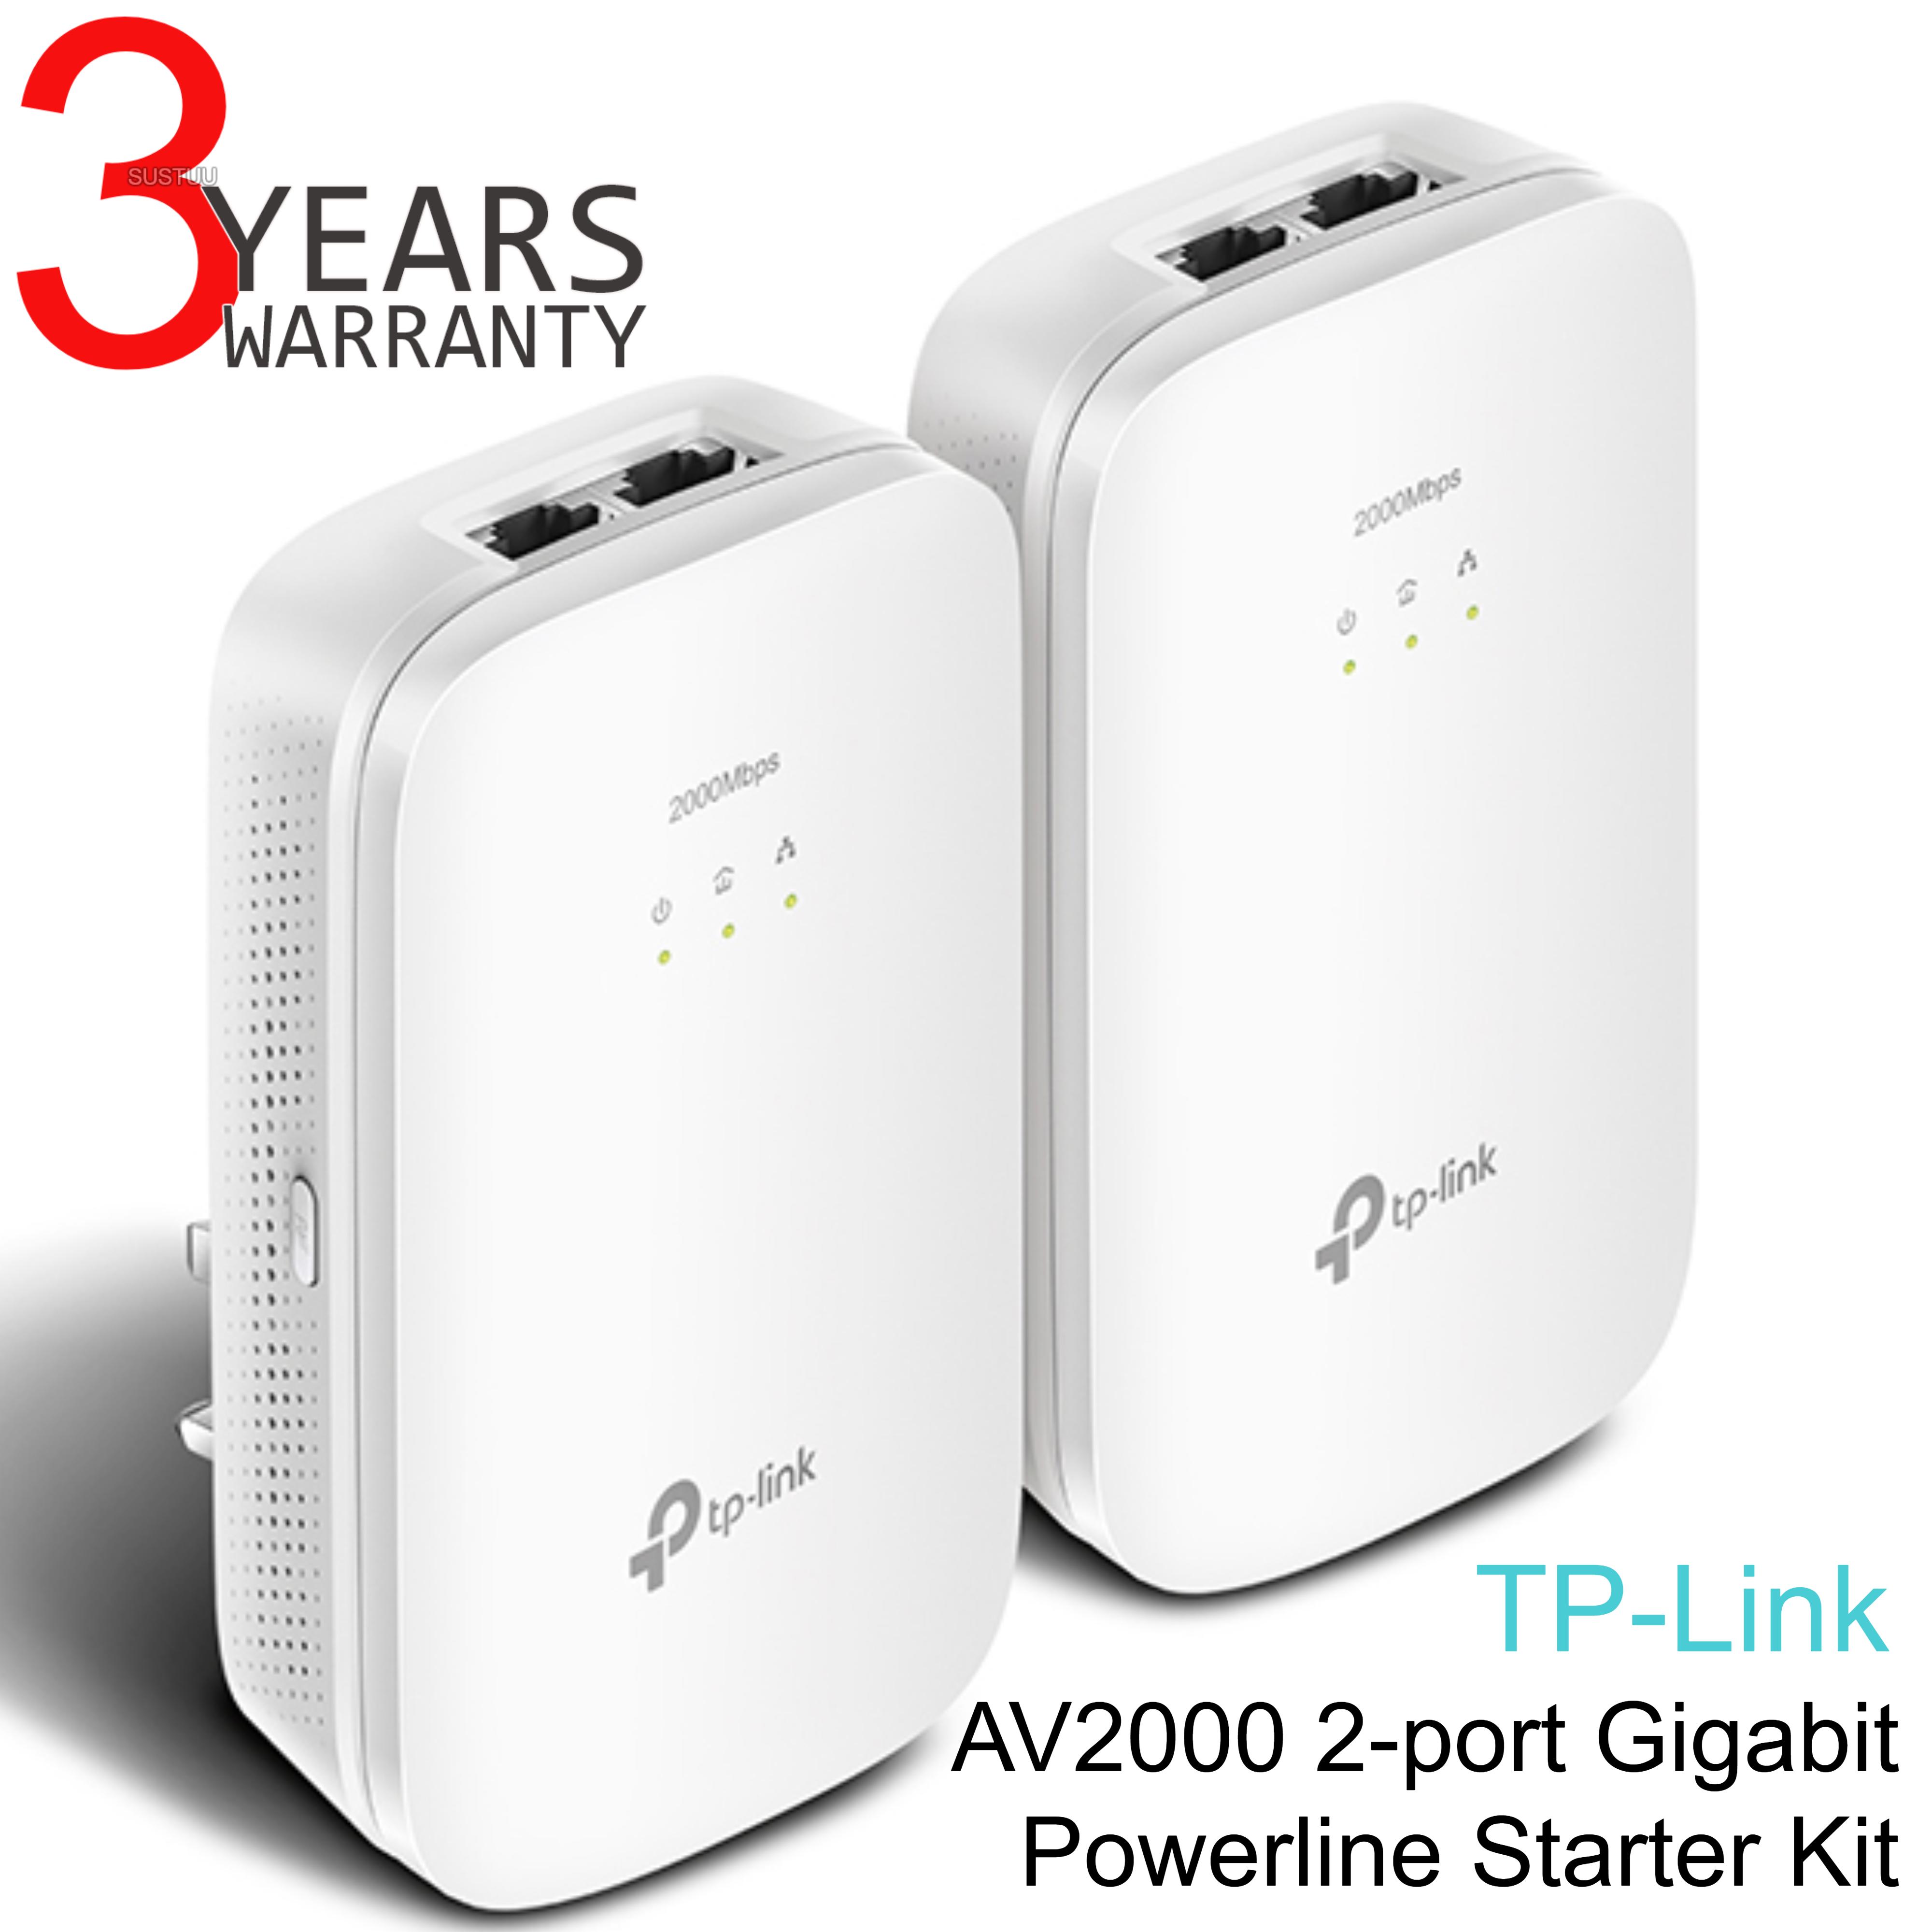 TP-Link AV2000 2-port Gigabit Powerline Starter-TL-PA9020 KIT HomePlug AV2